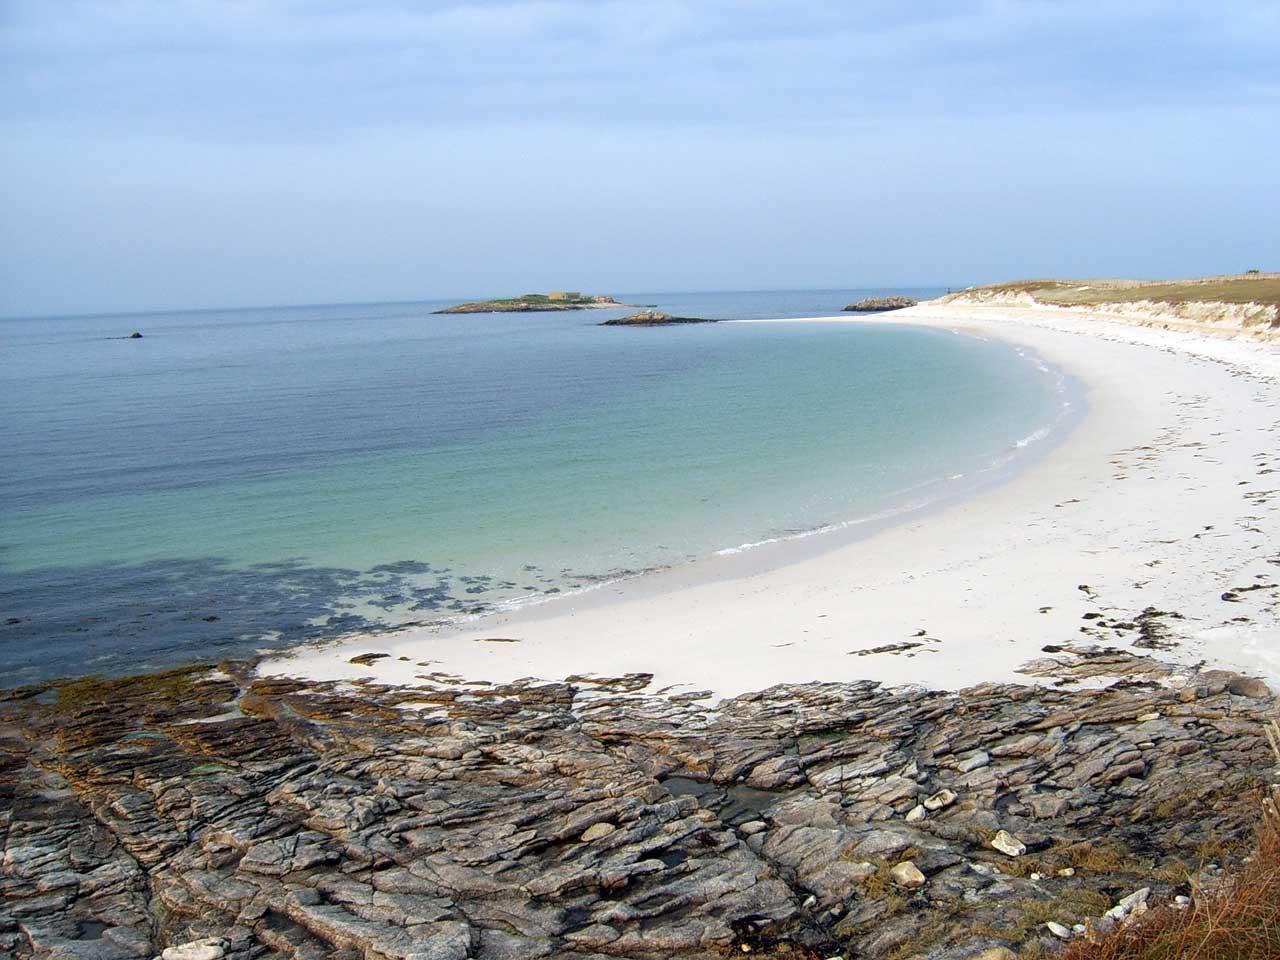 La plage de Saint-Nicolas à Les Glénan